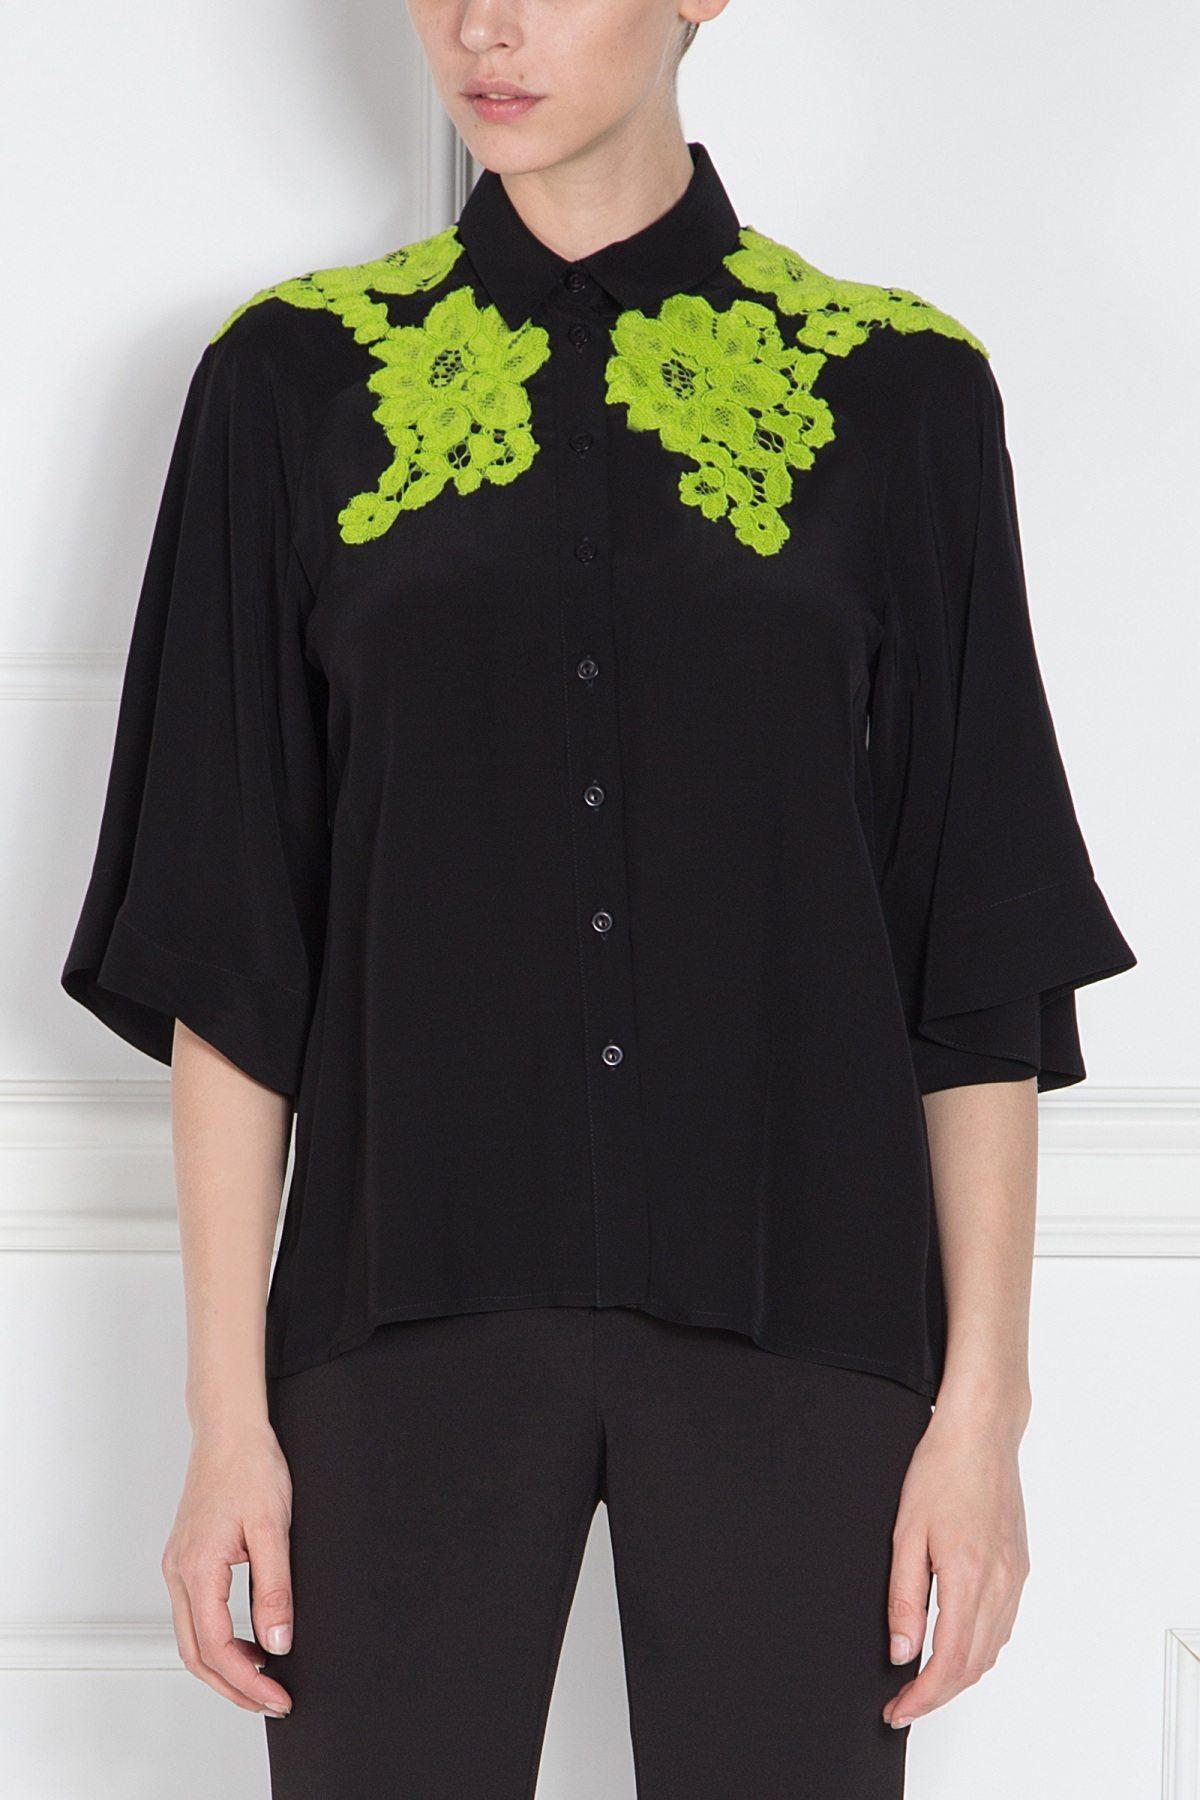 Camasa neagra cu broderie verde Negru